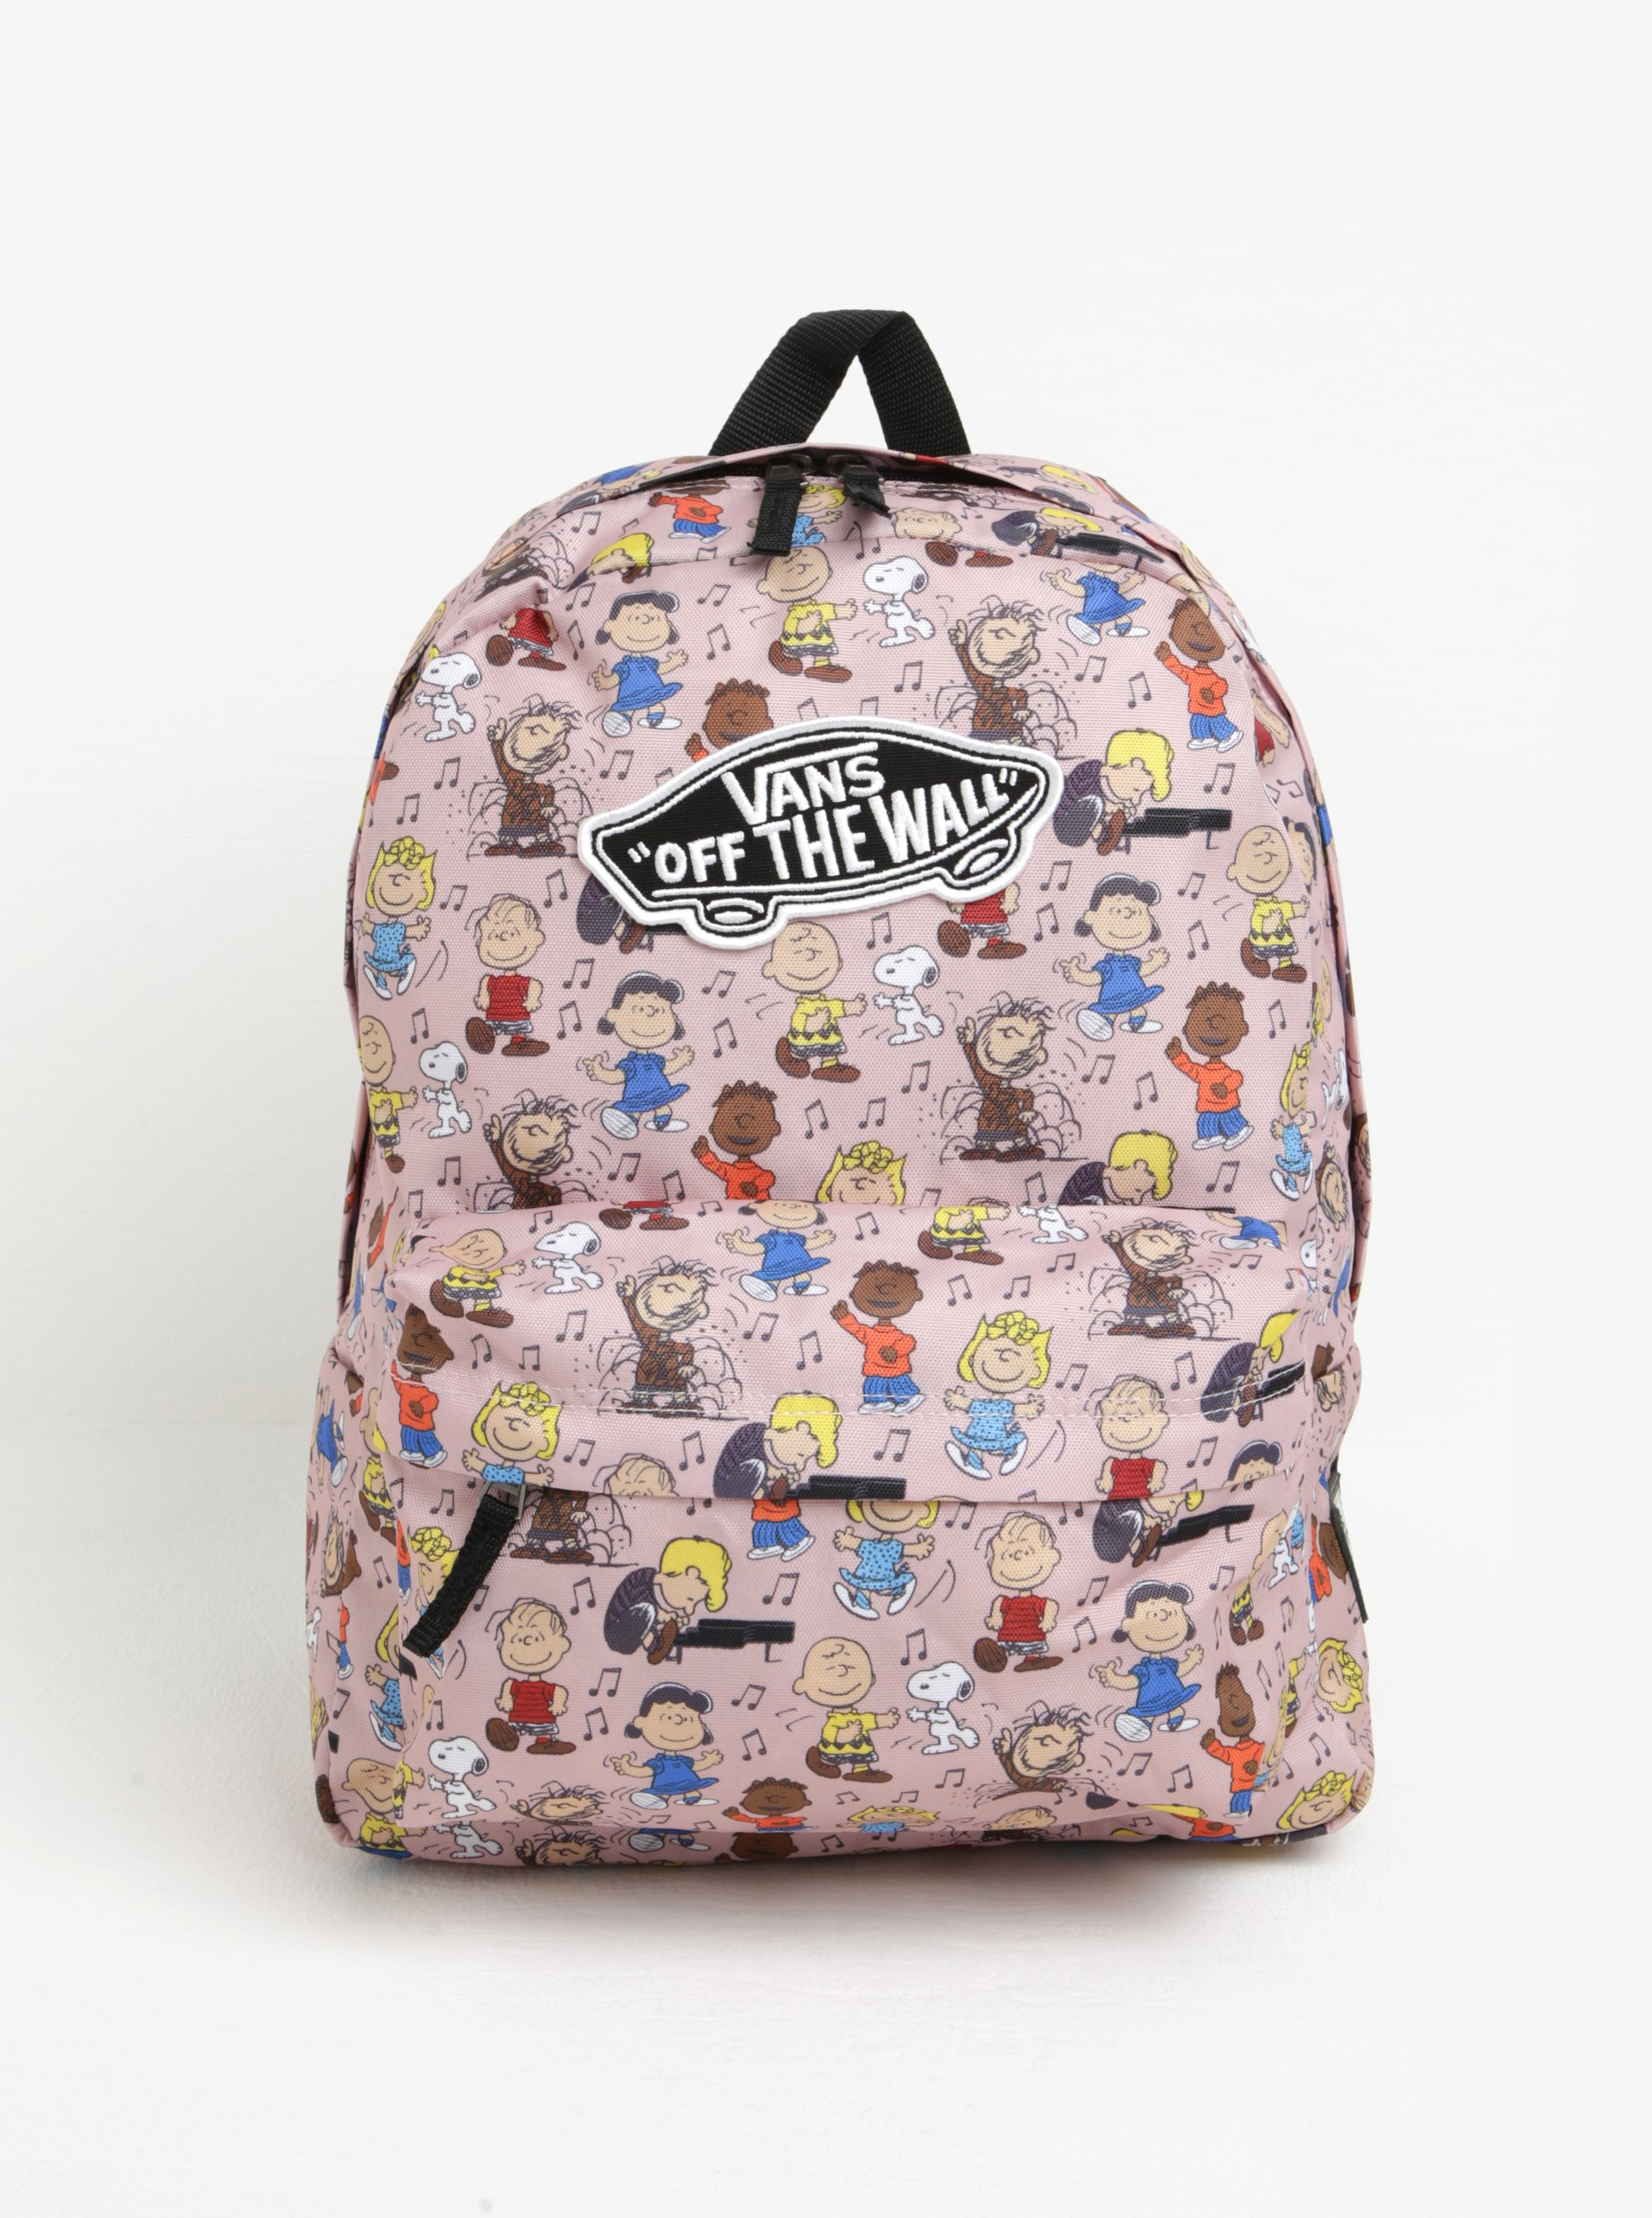 15fbf5ec708 Růžový vzorovaný batoh VANS Peanuts 22 l - SLEVA!